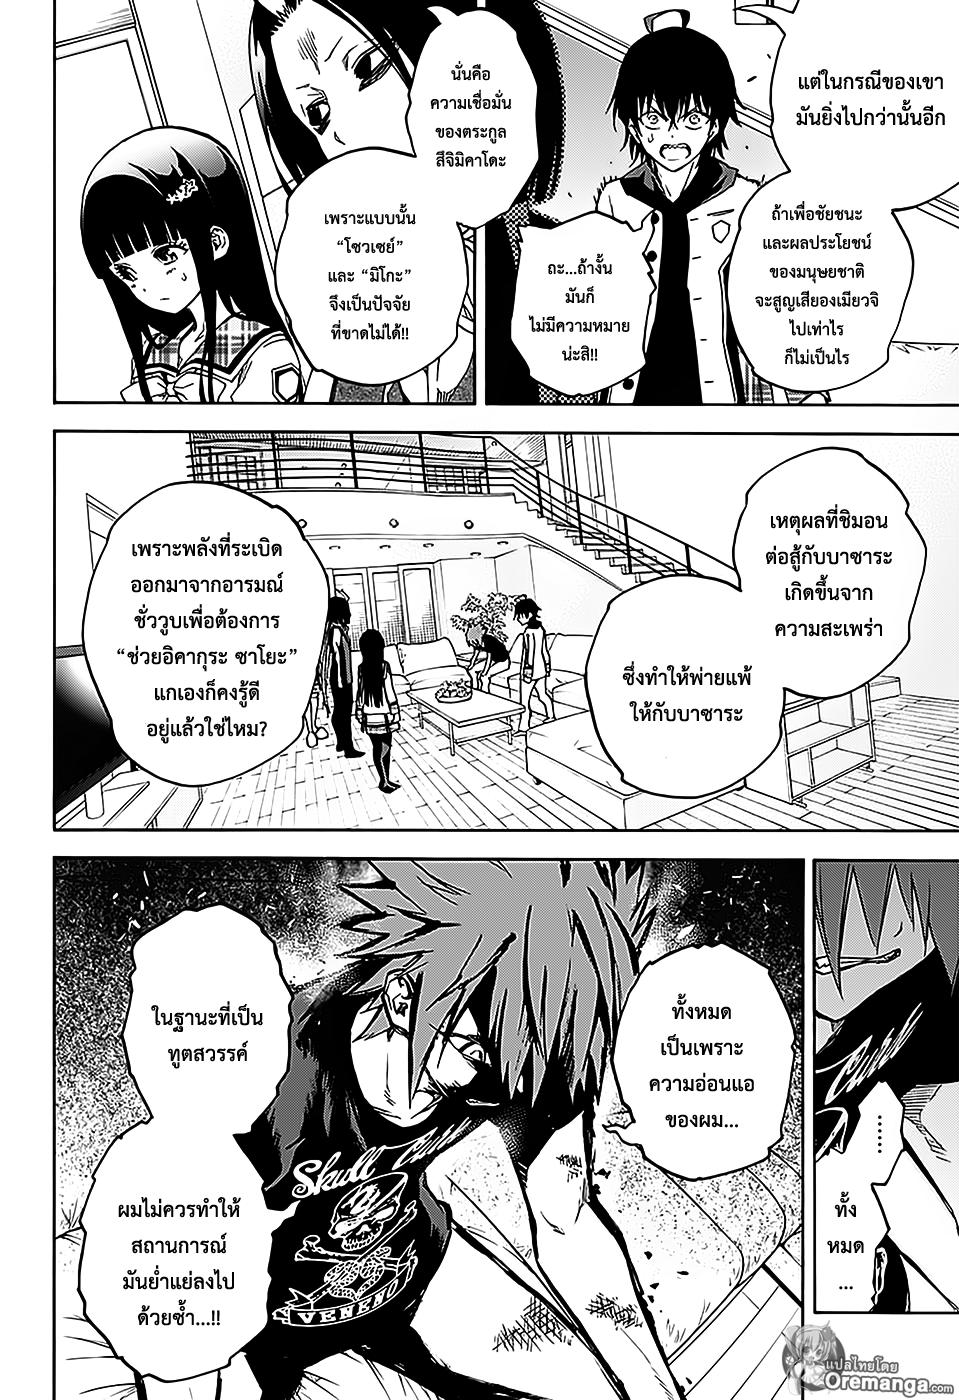 อ่านการ์ตูน Sousei no Onmyouji ตอนที่ 25 หน้าที่ 10